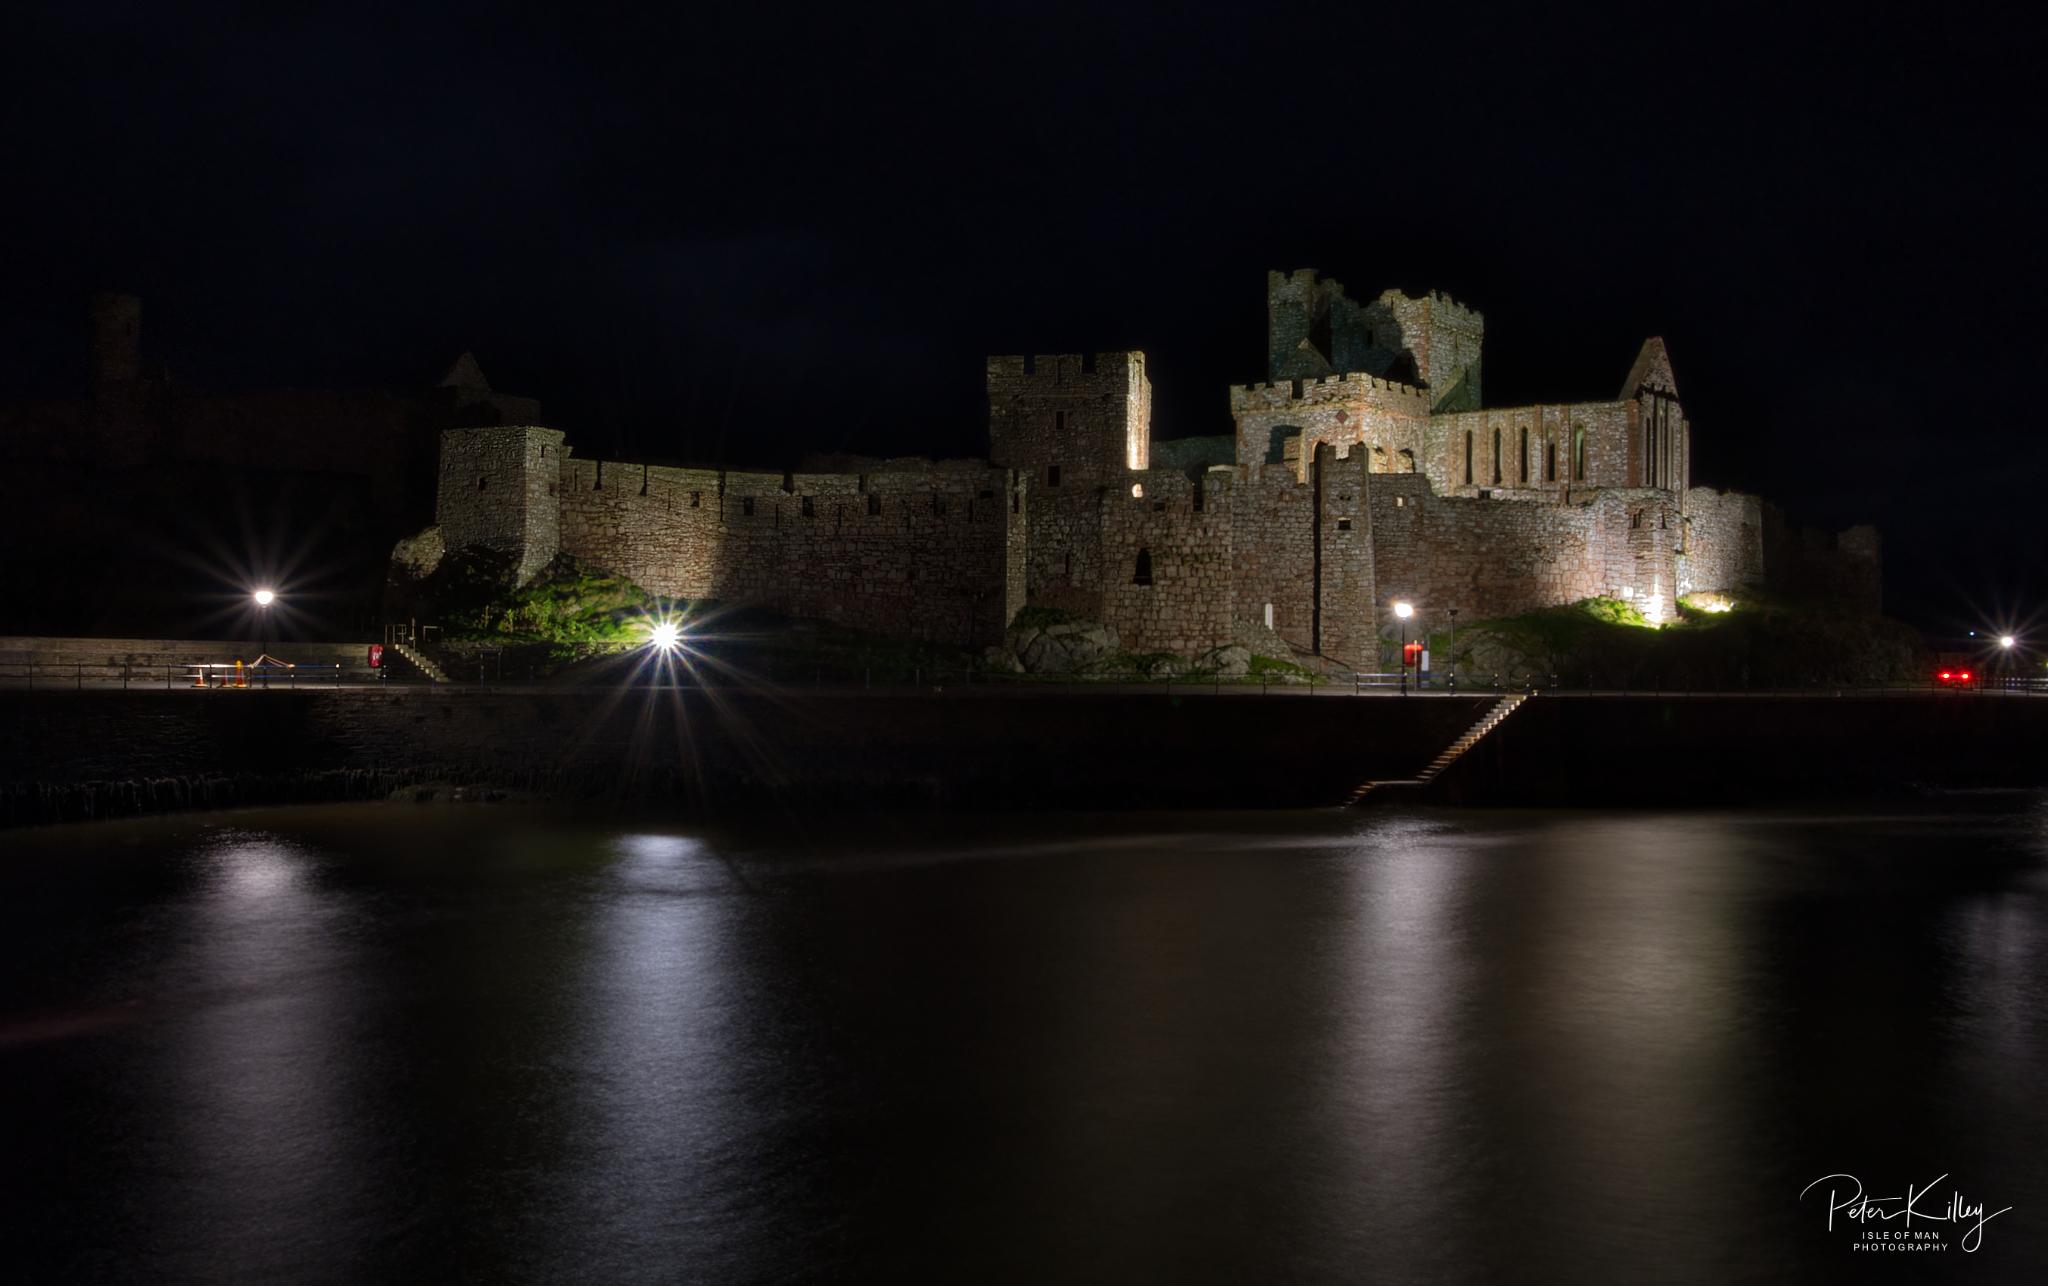 Peel Castle @ Night - © Peter Killey - www.manxscenes.com